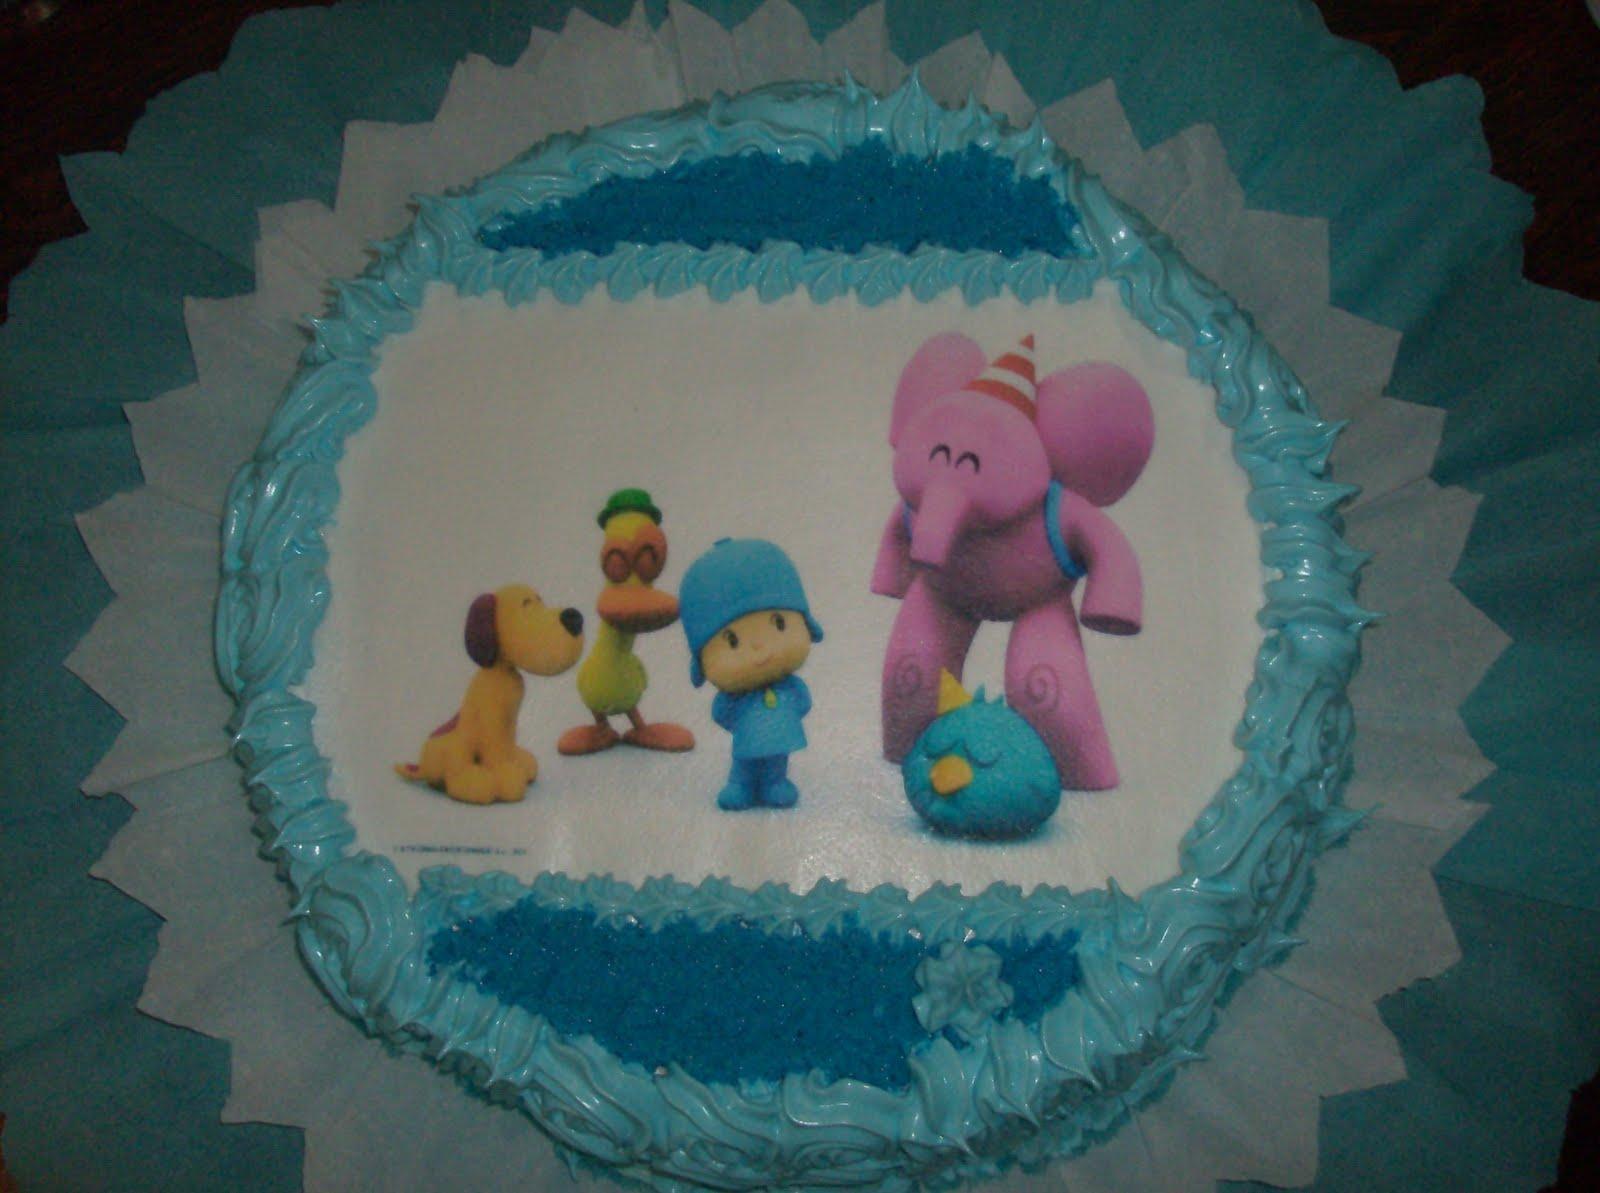 Tortas infantiles decoradas con merengue italiano - Imagui